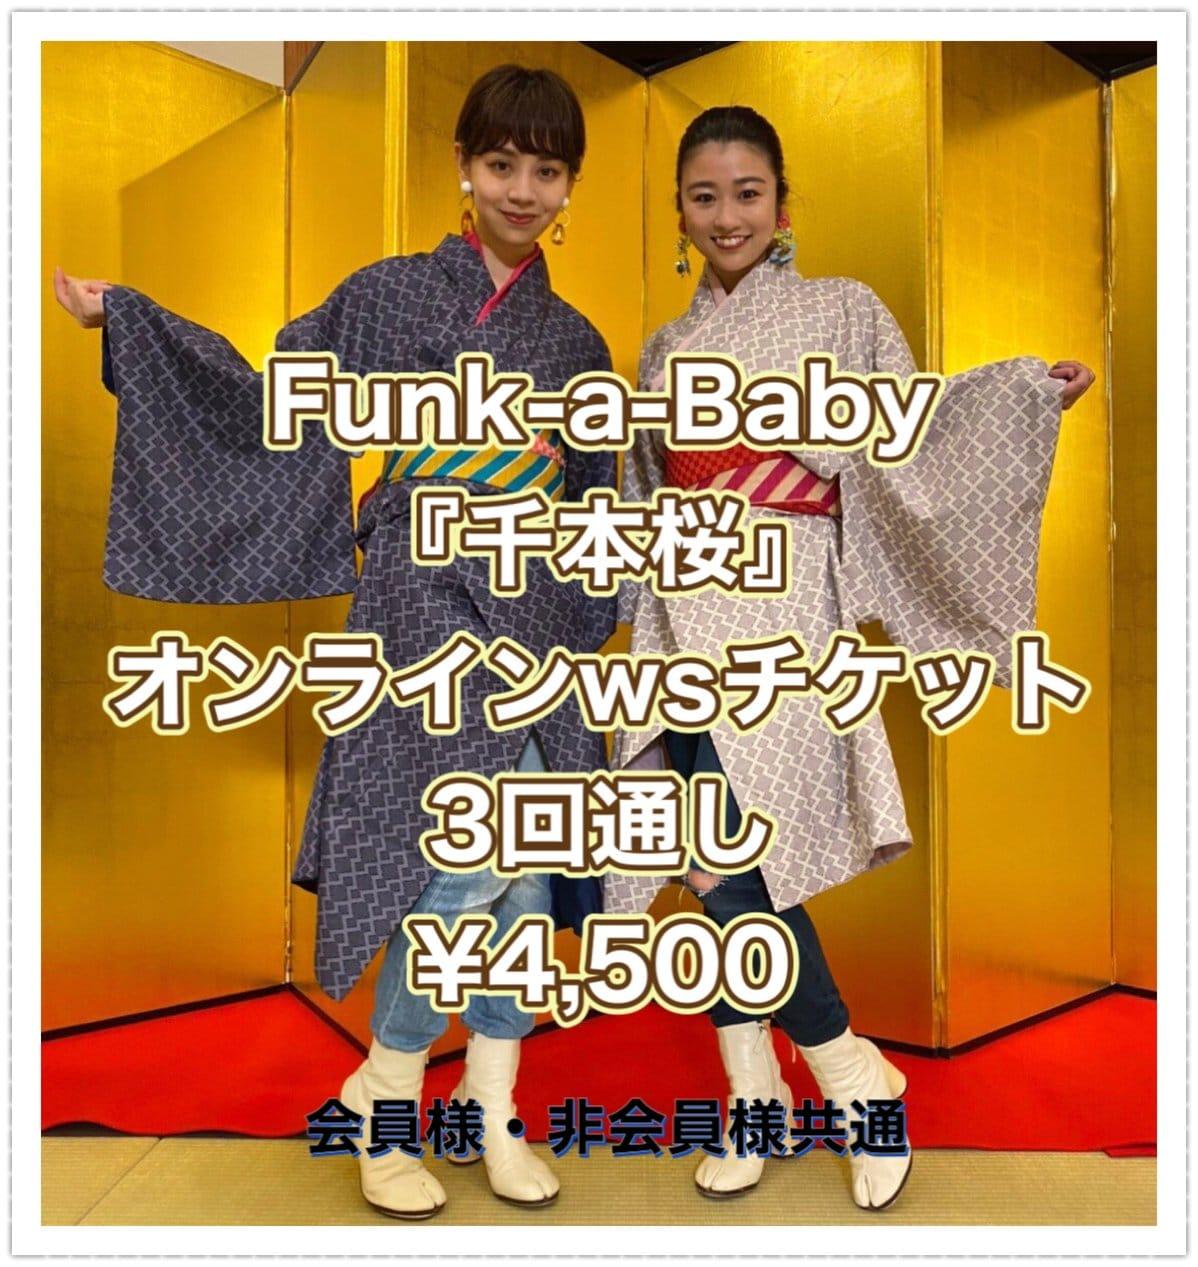 Funk-a-Baby「千本桜」オンラインWSチケットのイメージその1